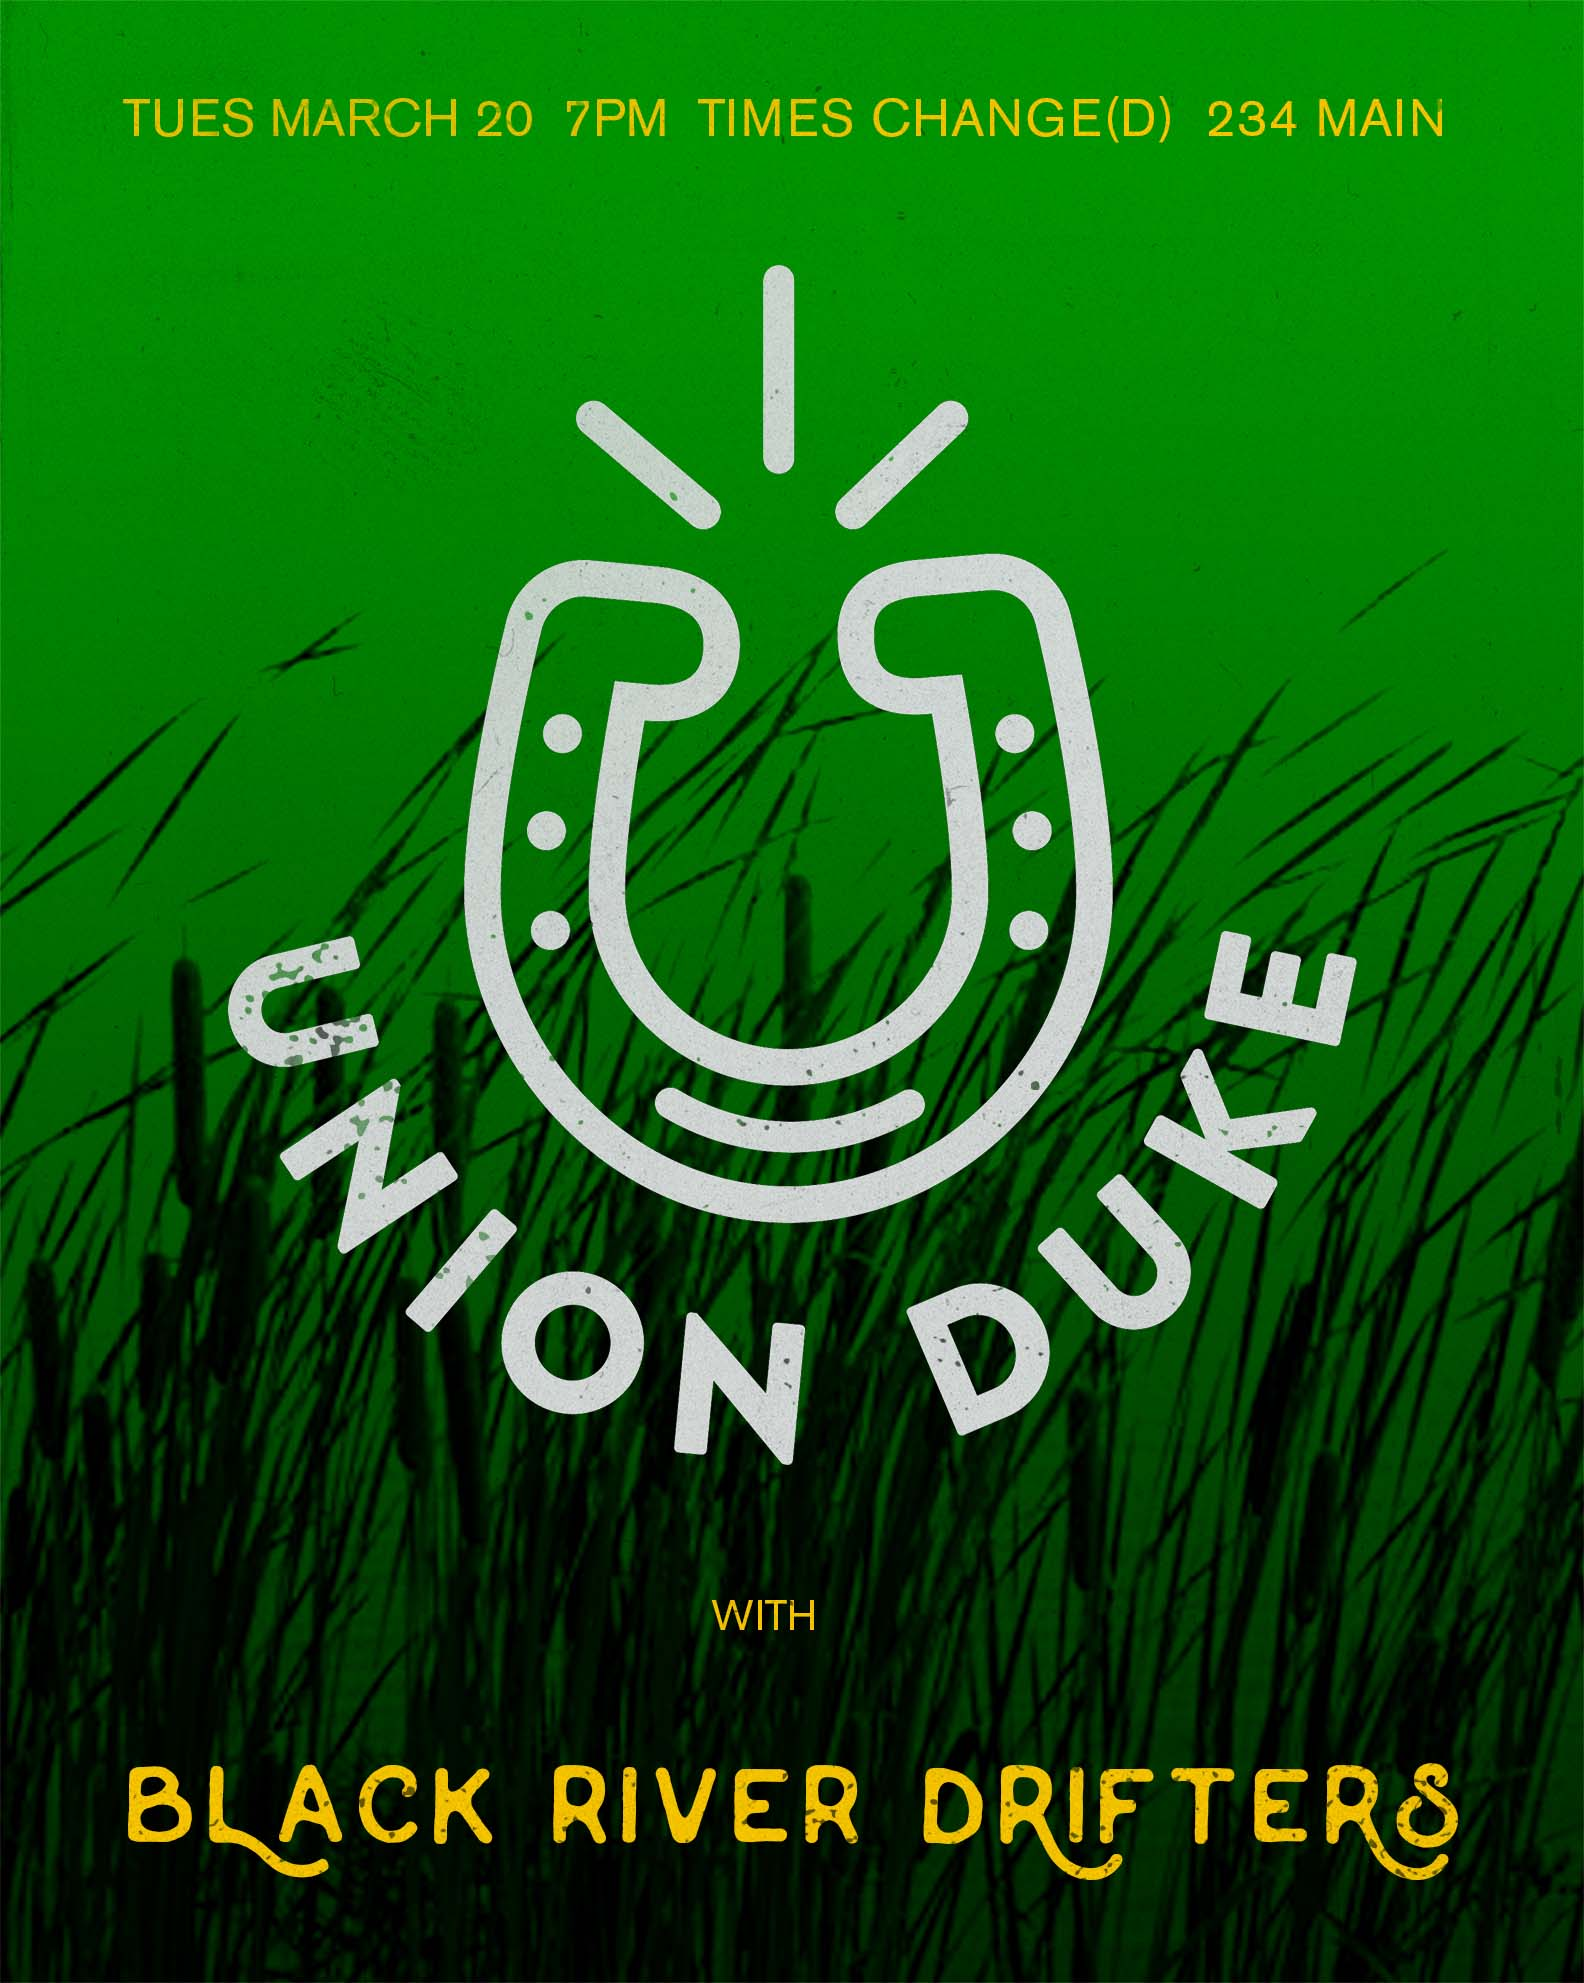 Union_Duke_instagram-fb.jpg